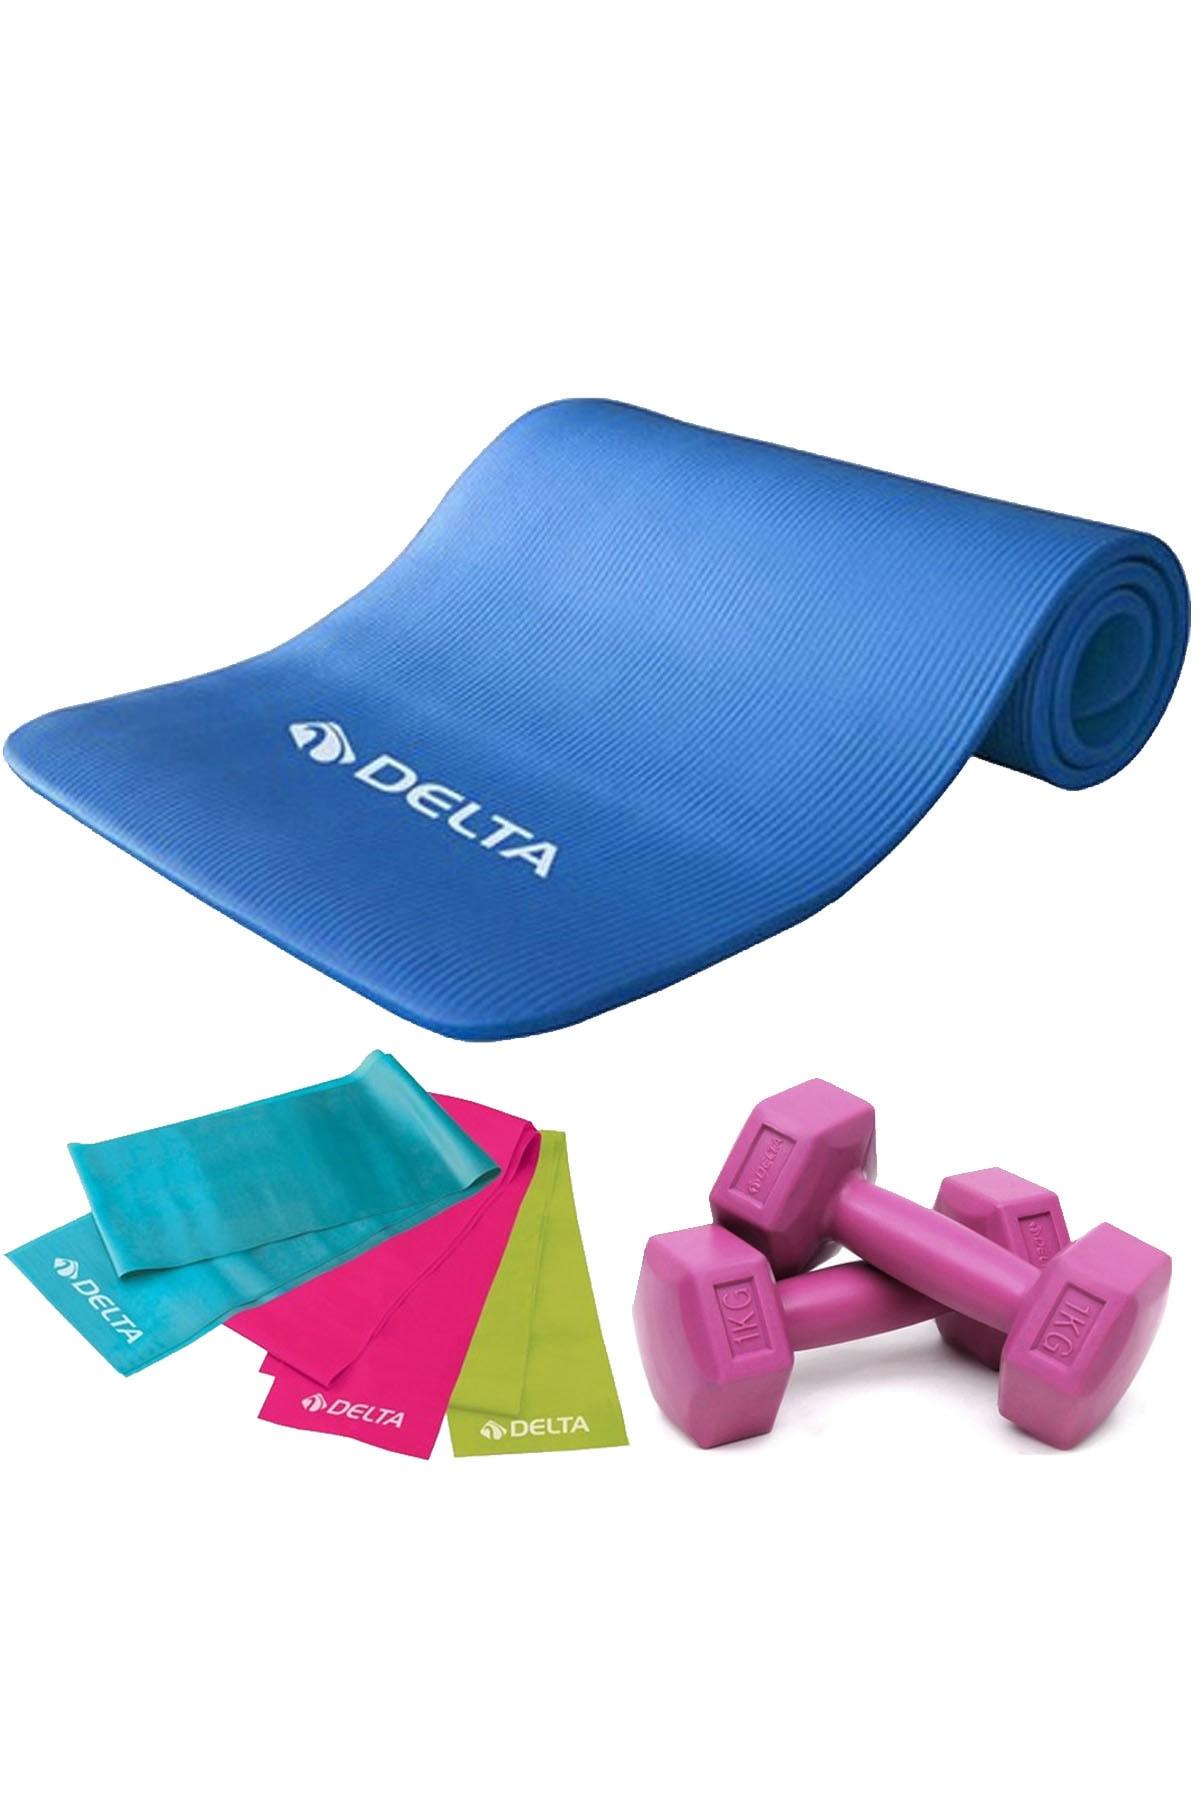 Delta 1 Cm Pilates Minderi, 3 Lü Pilates Bandı Plates Lastiği, 1 Kg x 2 Adet Dambıl 0